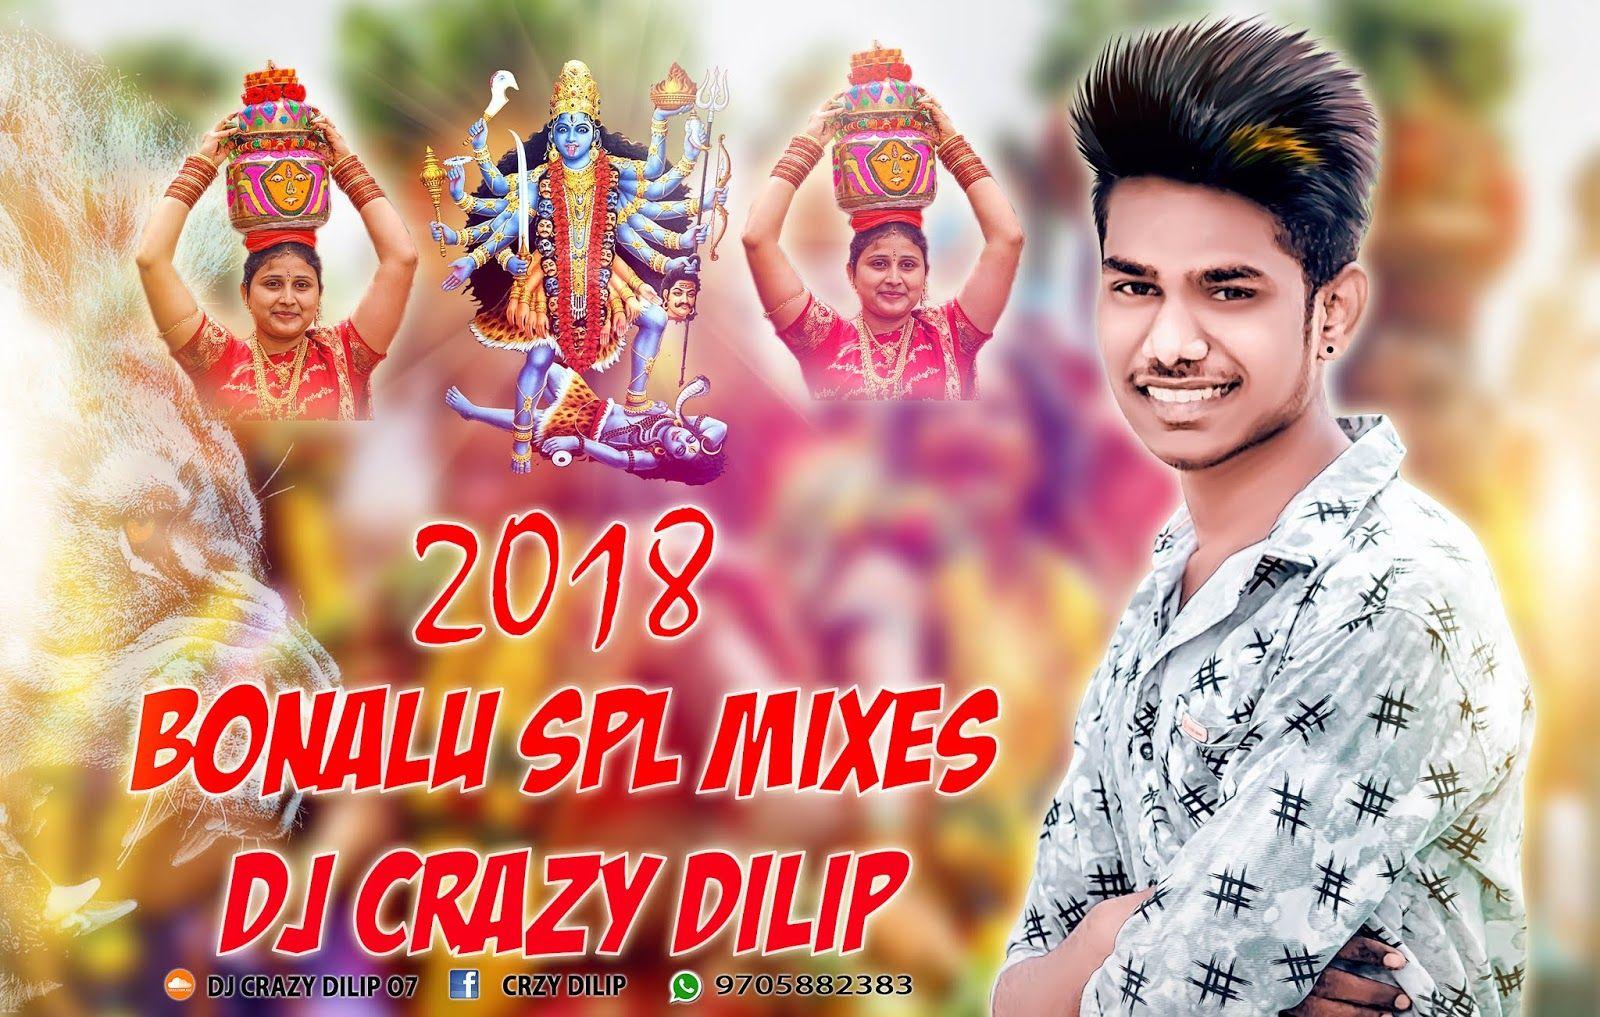 2018 Bonalu Spcl Mixes Dj Crazydilip In 2020 Dj Songs List New Dj Song Dj Mix Songs